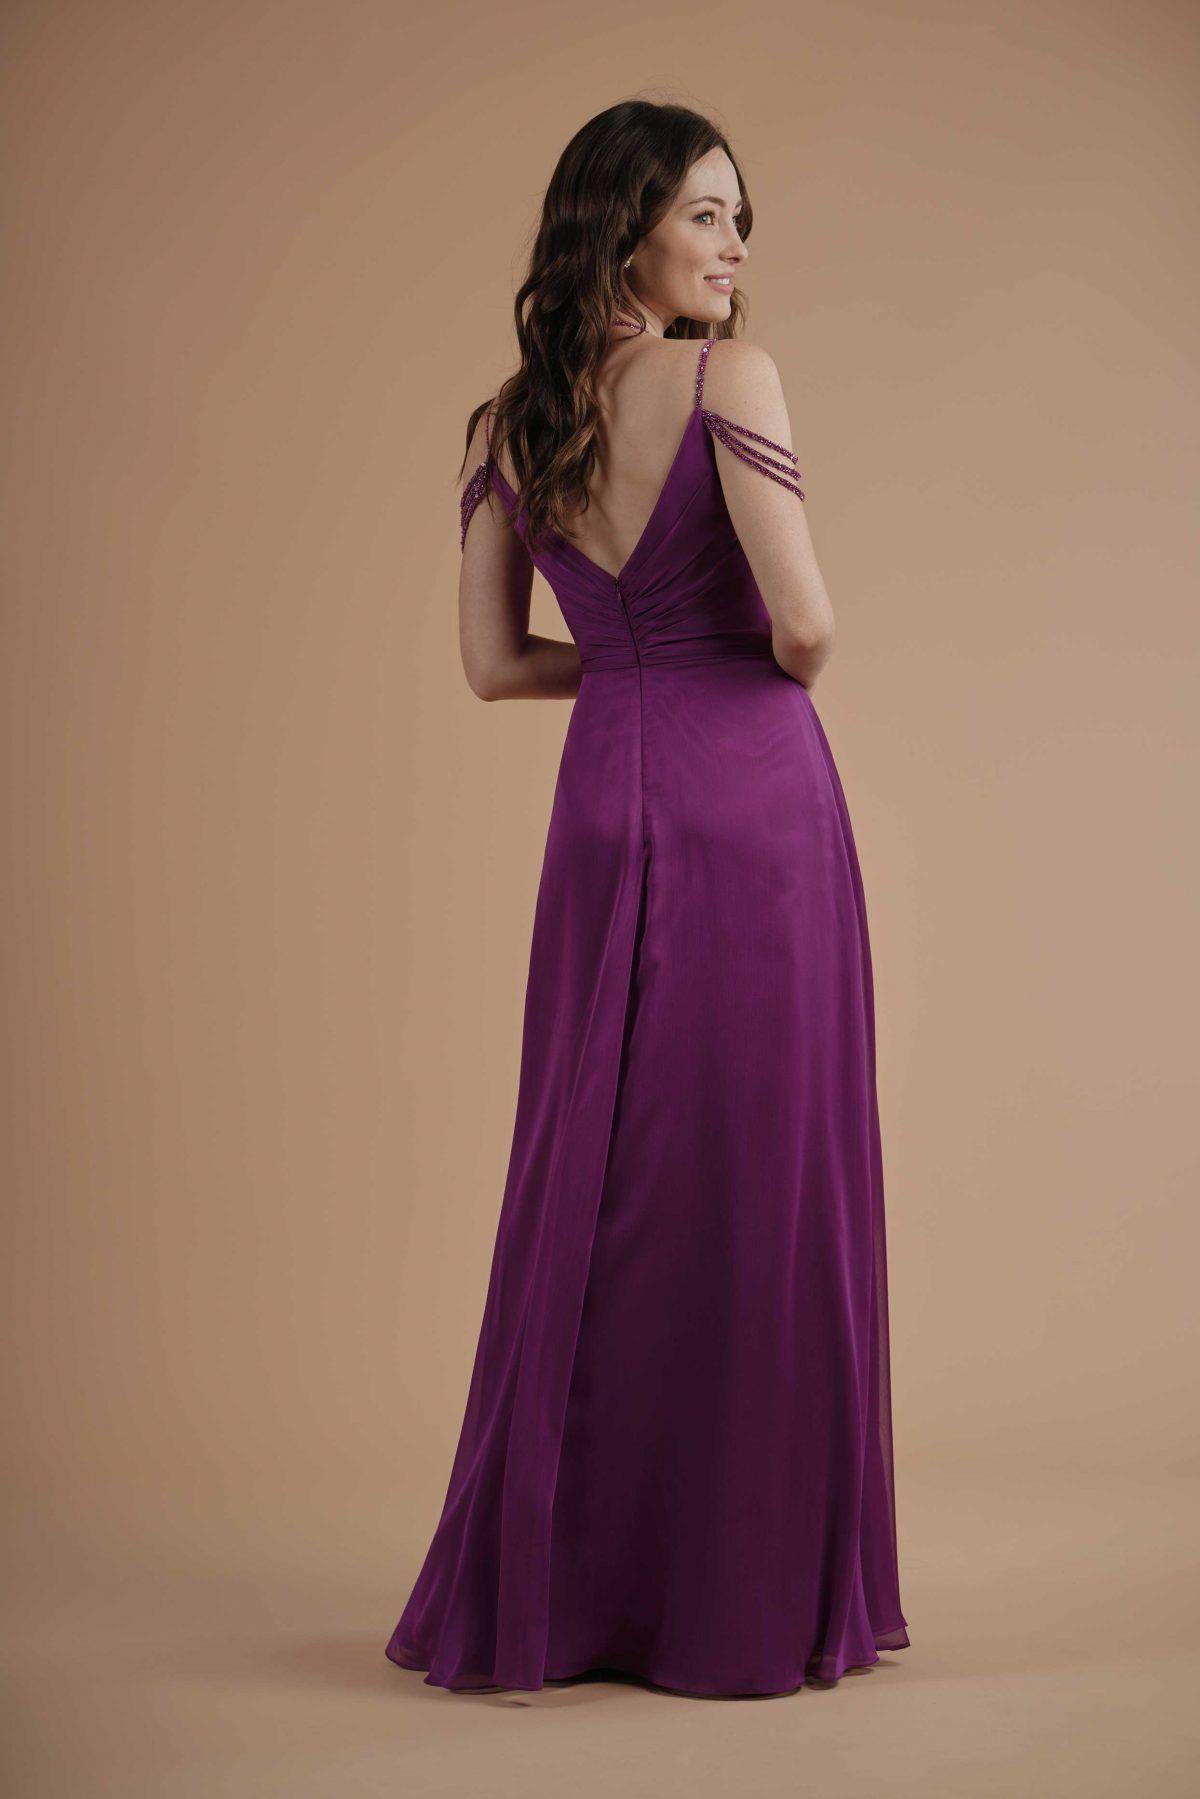 Abendmode Jasmine  Abendkleid, Schöne kleider und Mode